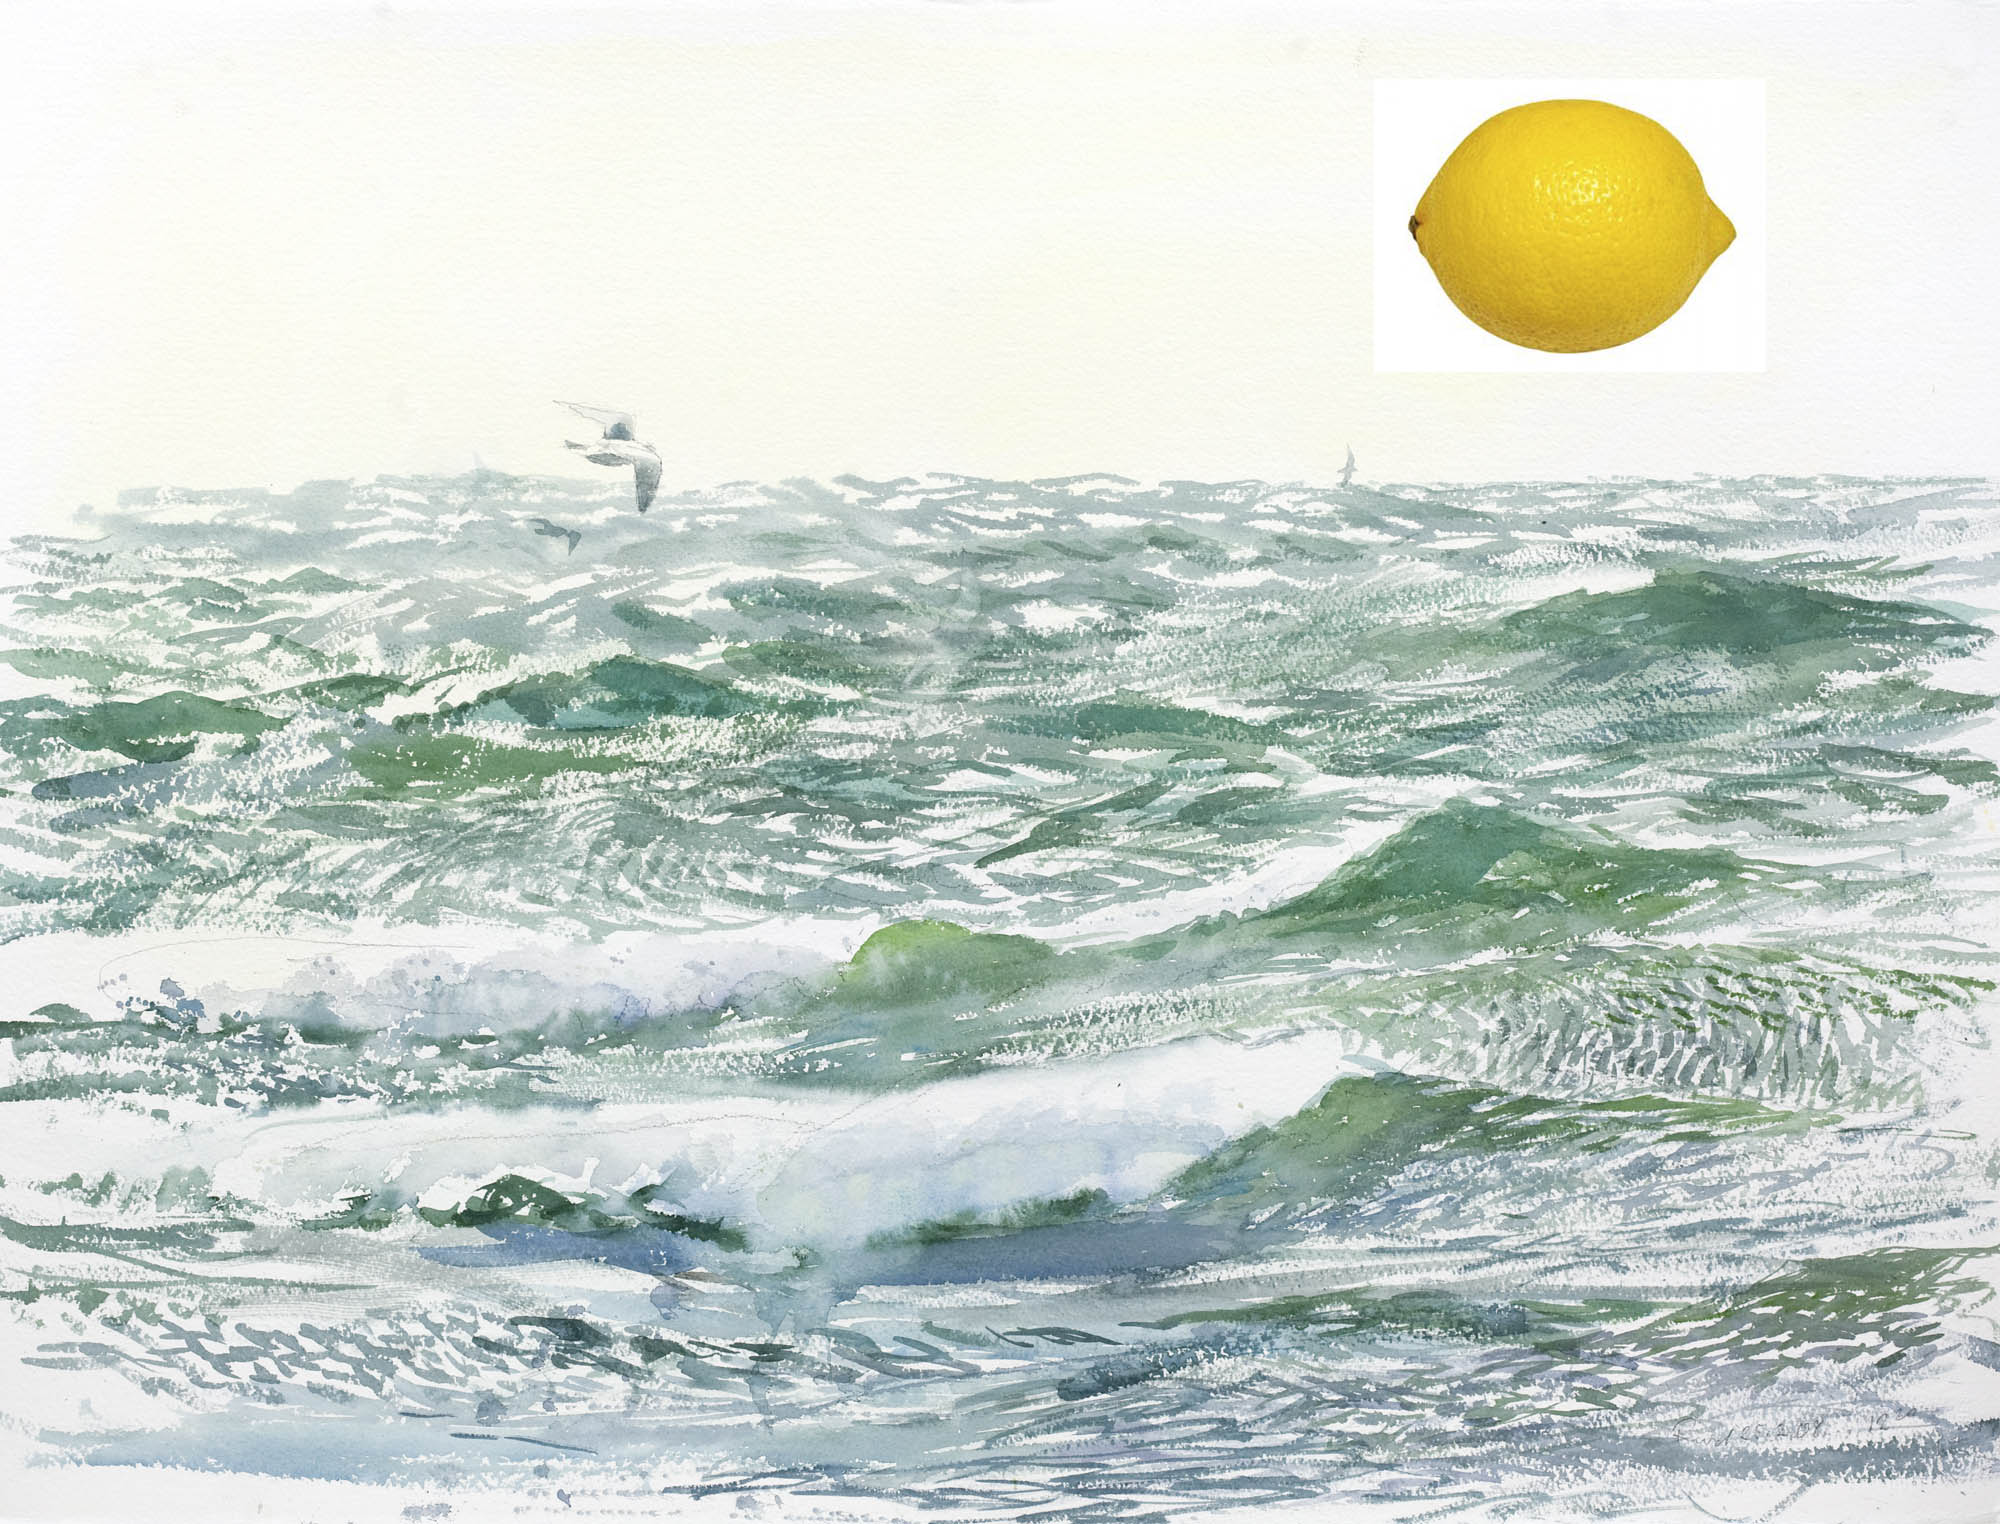 försurning av havet